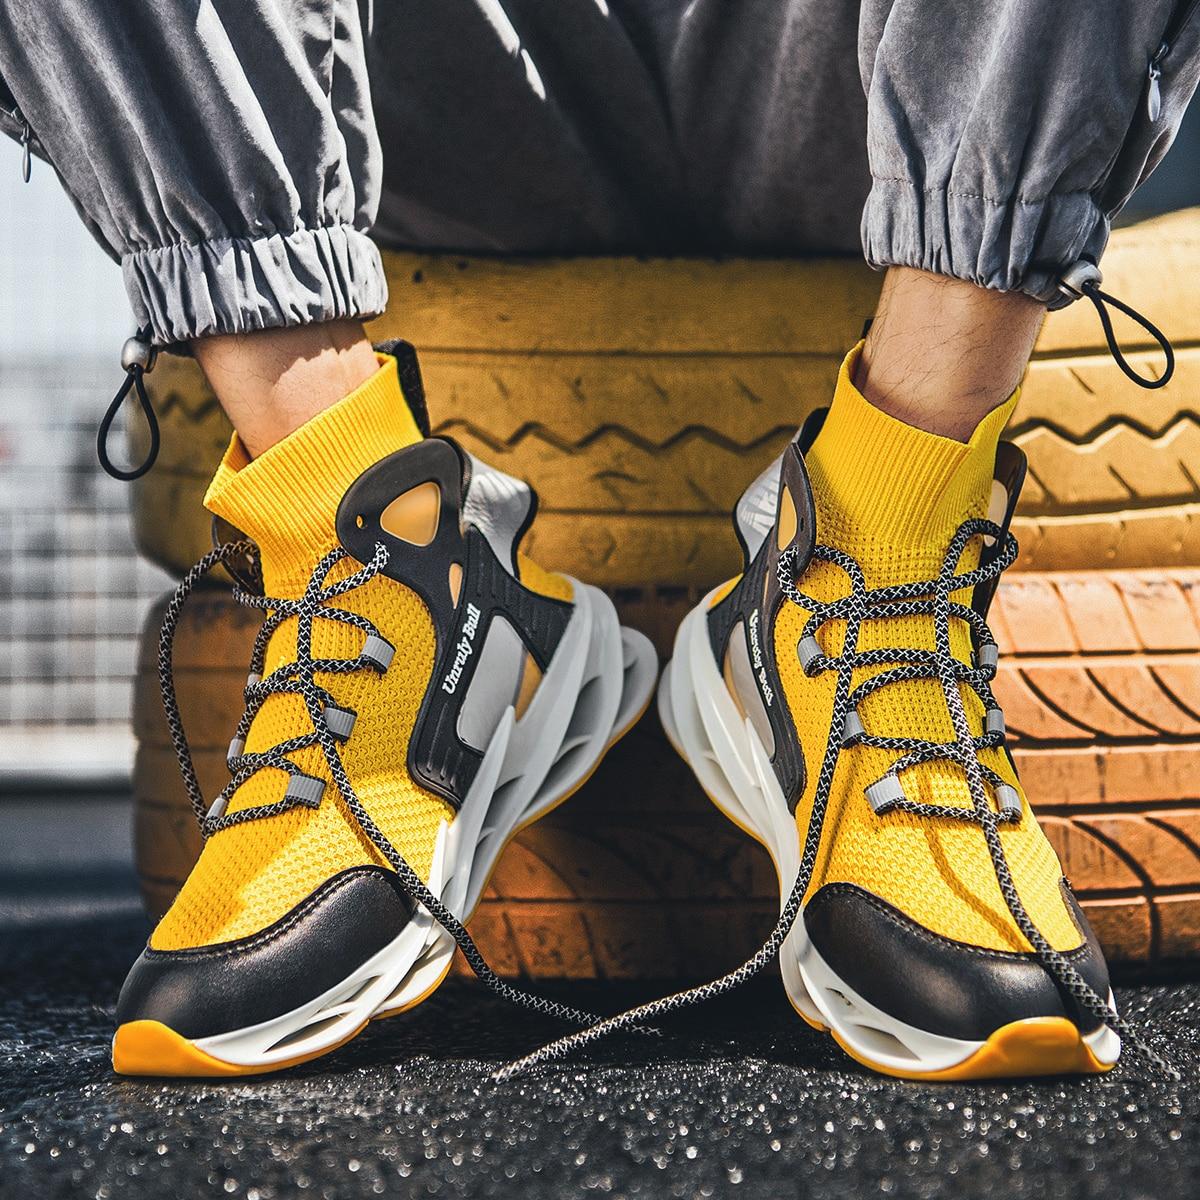 Sapatos masculinos de malha respirável, tênis casual branco de malha com sola grossa para homens